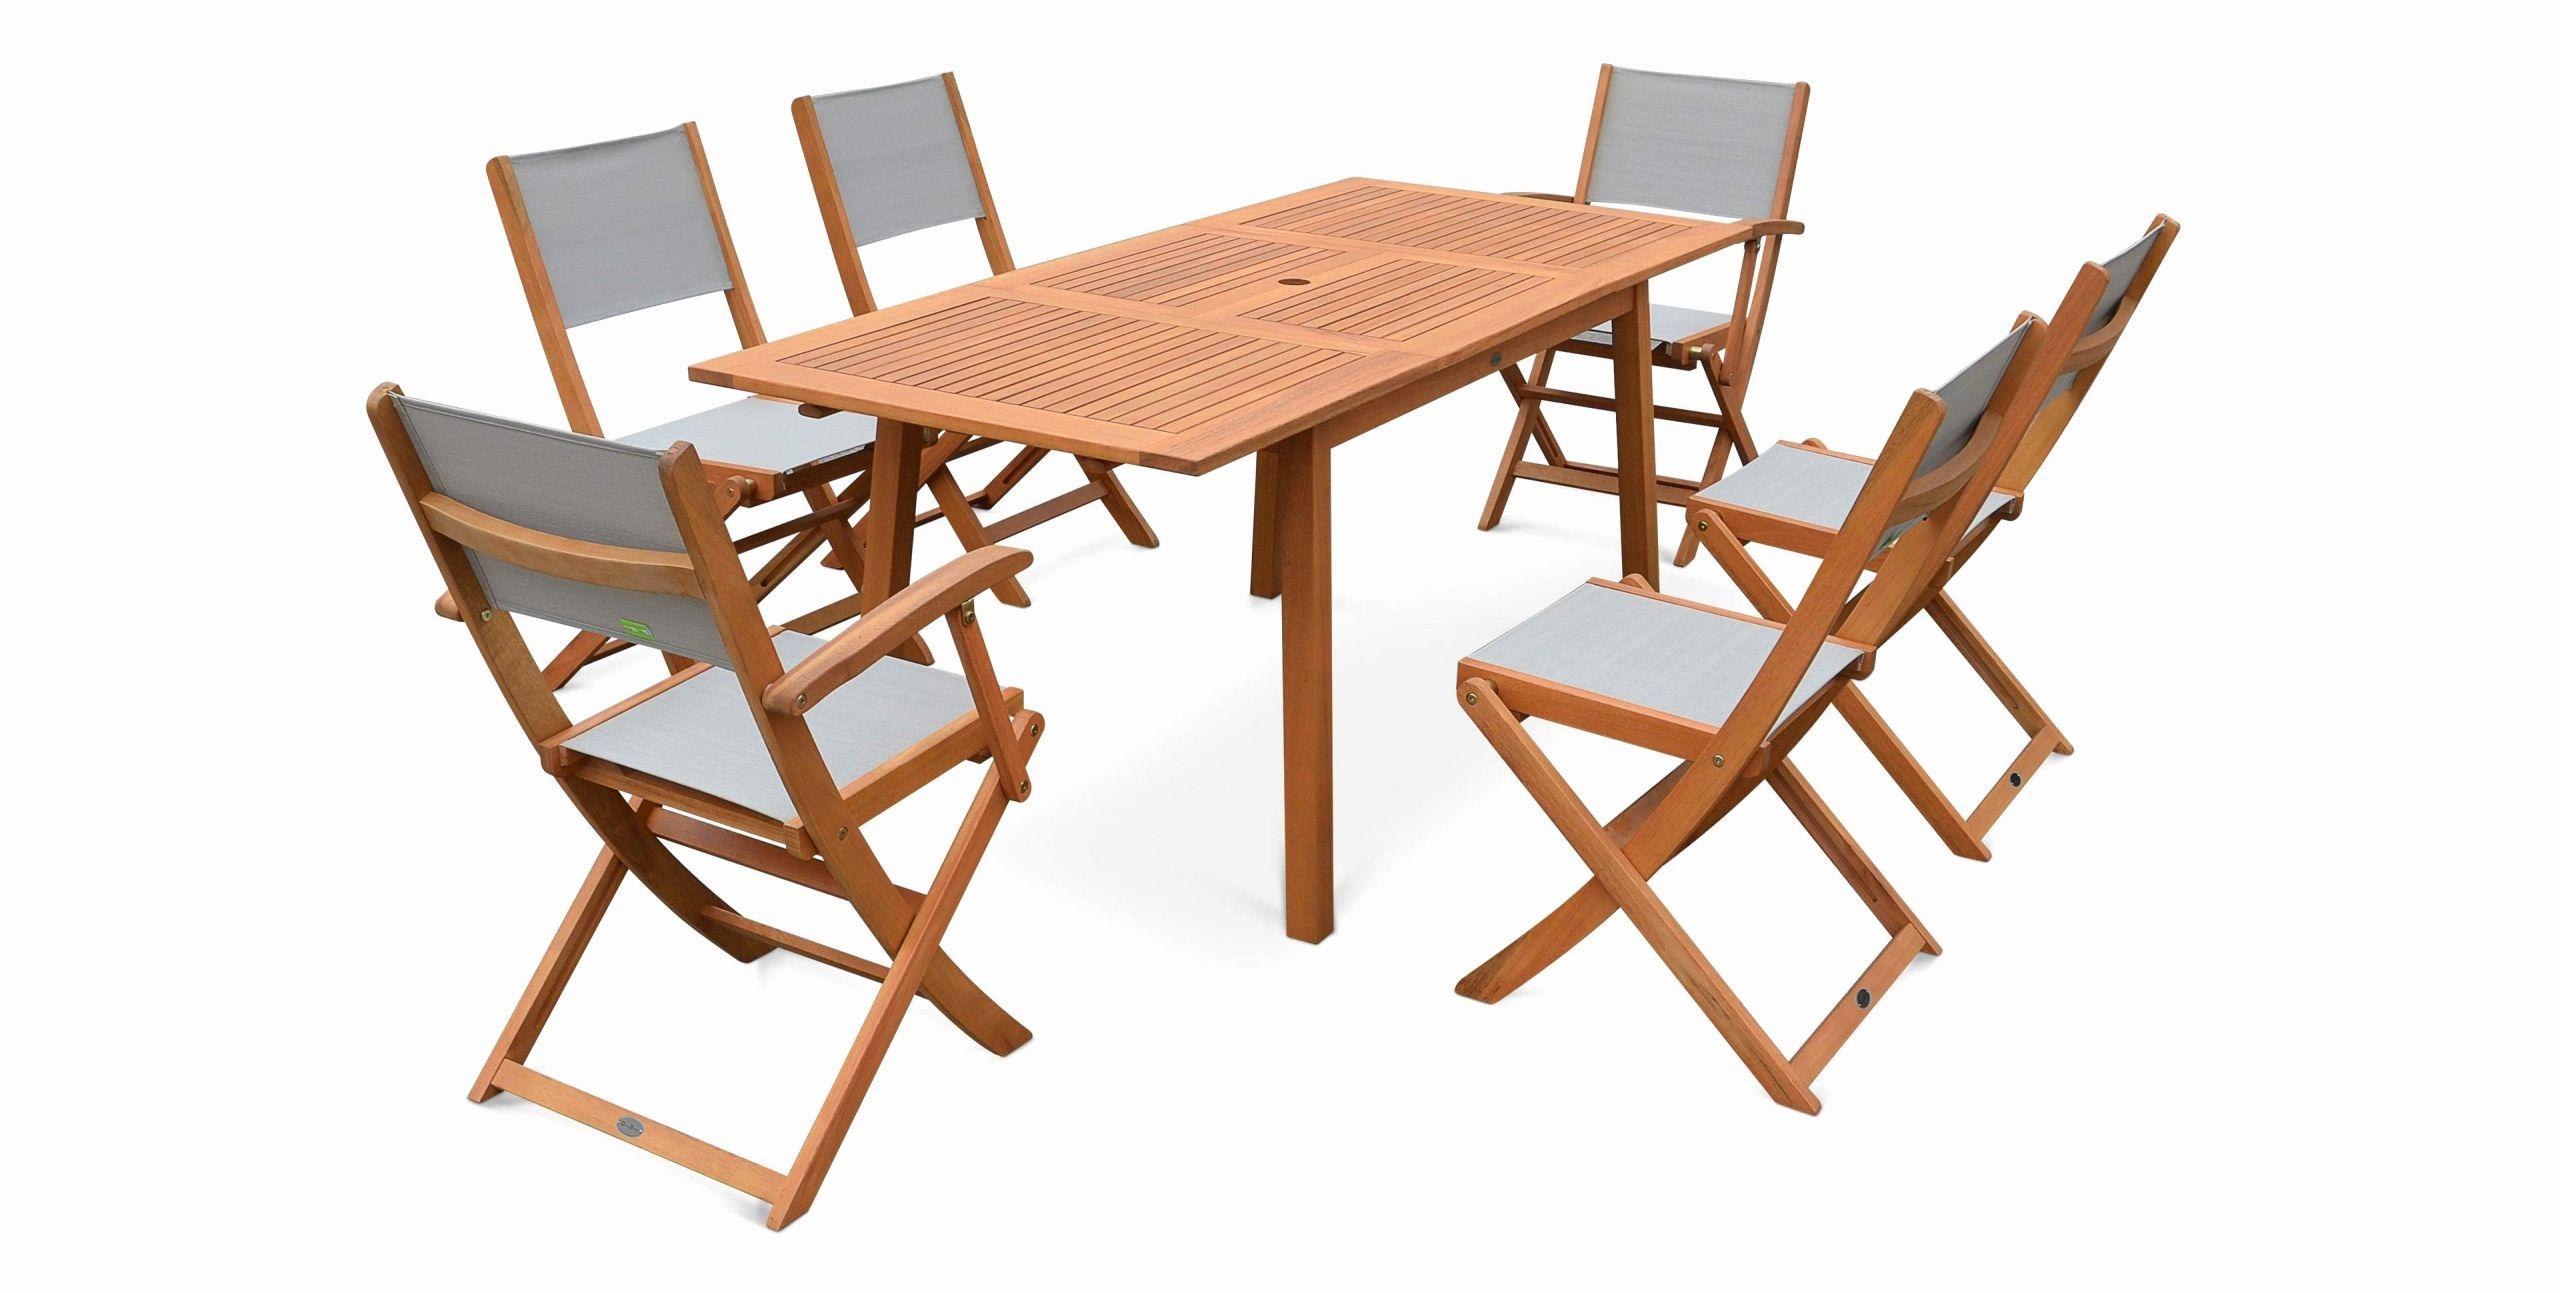 Housse Pour Table De Jardin Leclerc destiné Transat Jardin Chez Leclerc